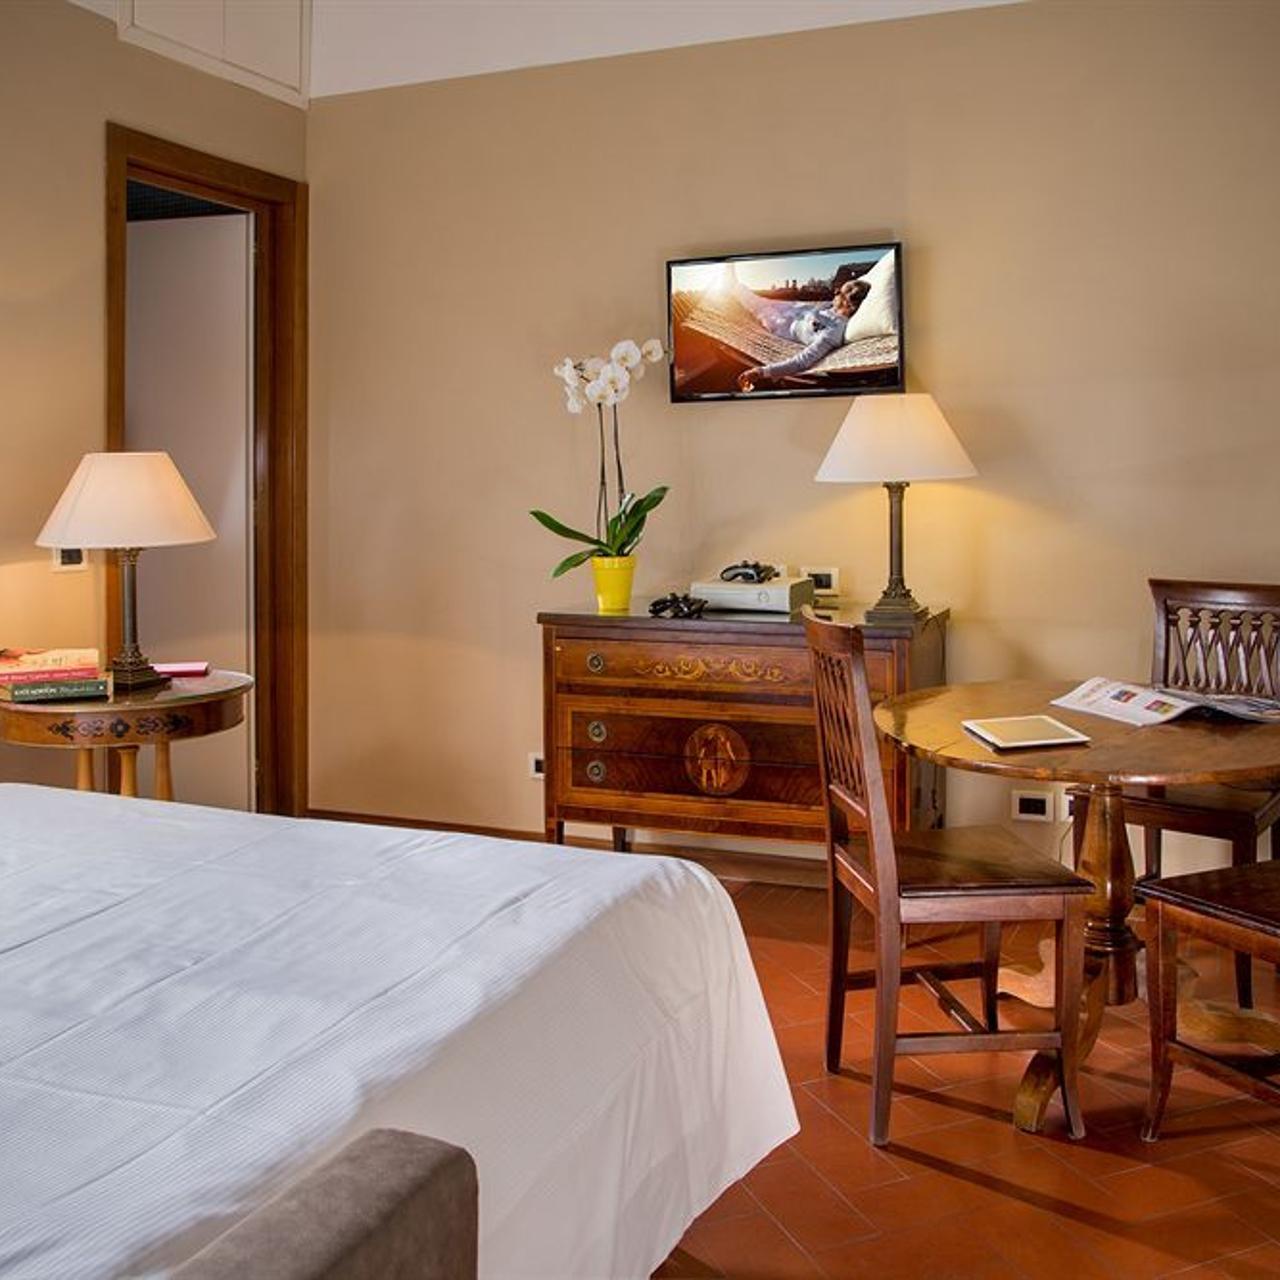 Hotel Astrid Roma Suites Roma Lazio Presso Hrs Con Servizi Gratuiti